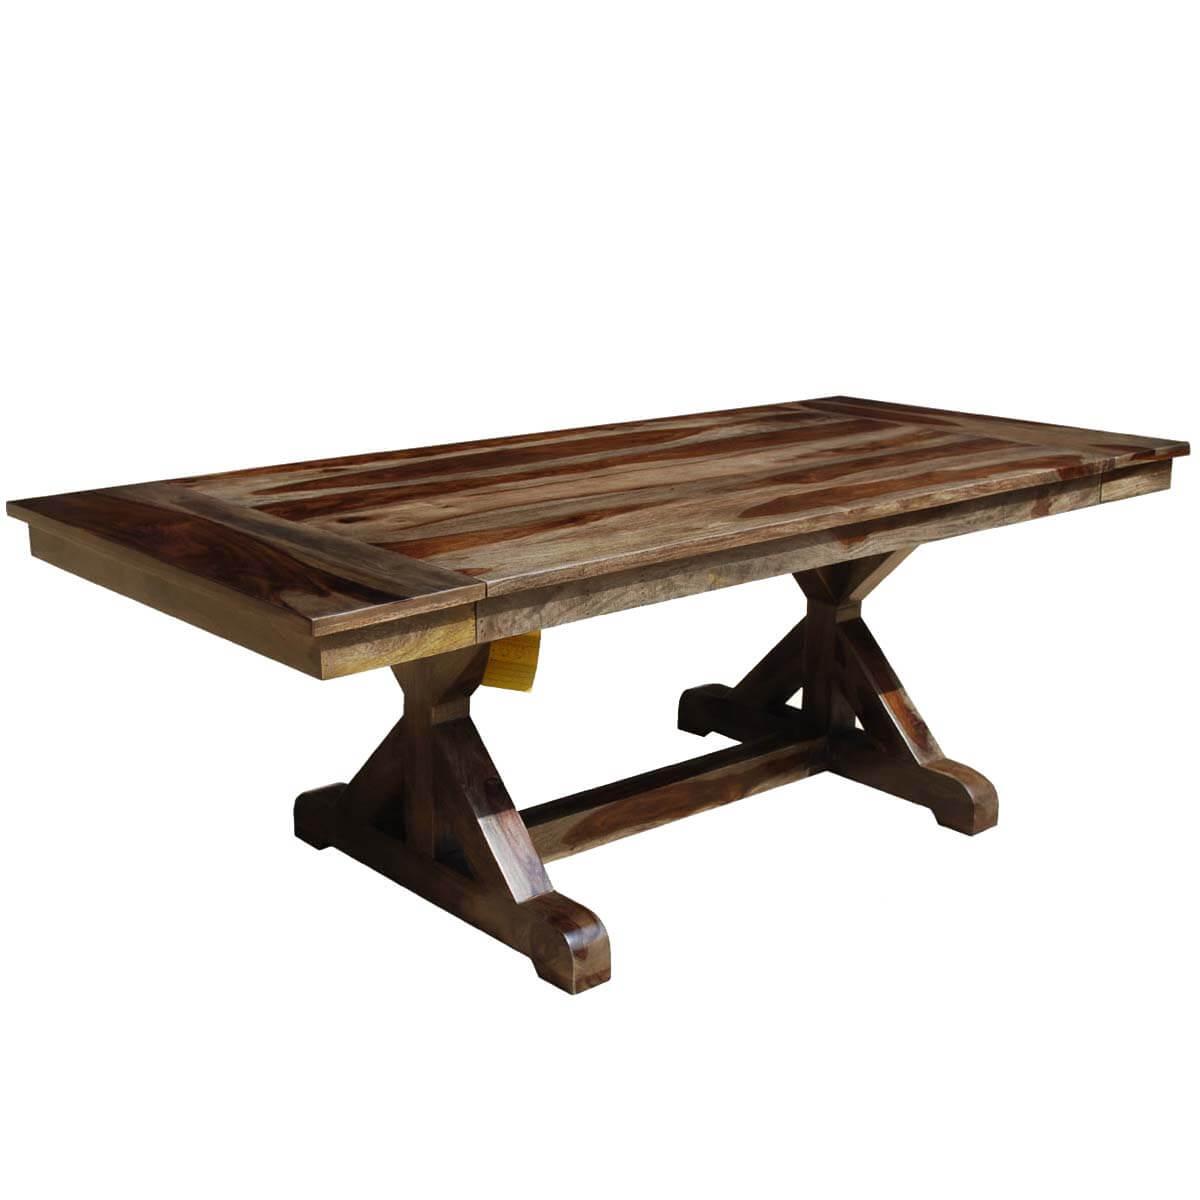 Trestle pedestal solid wood nottingham rectangular dining for Pedestal trestle dining table plans